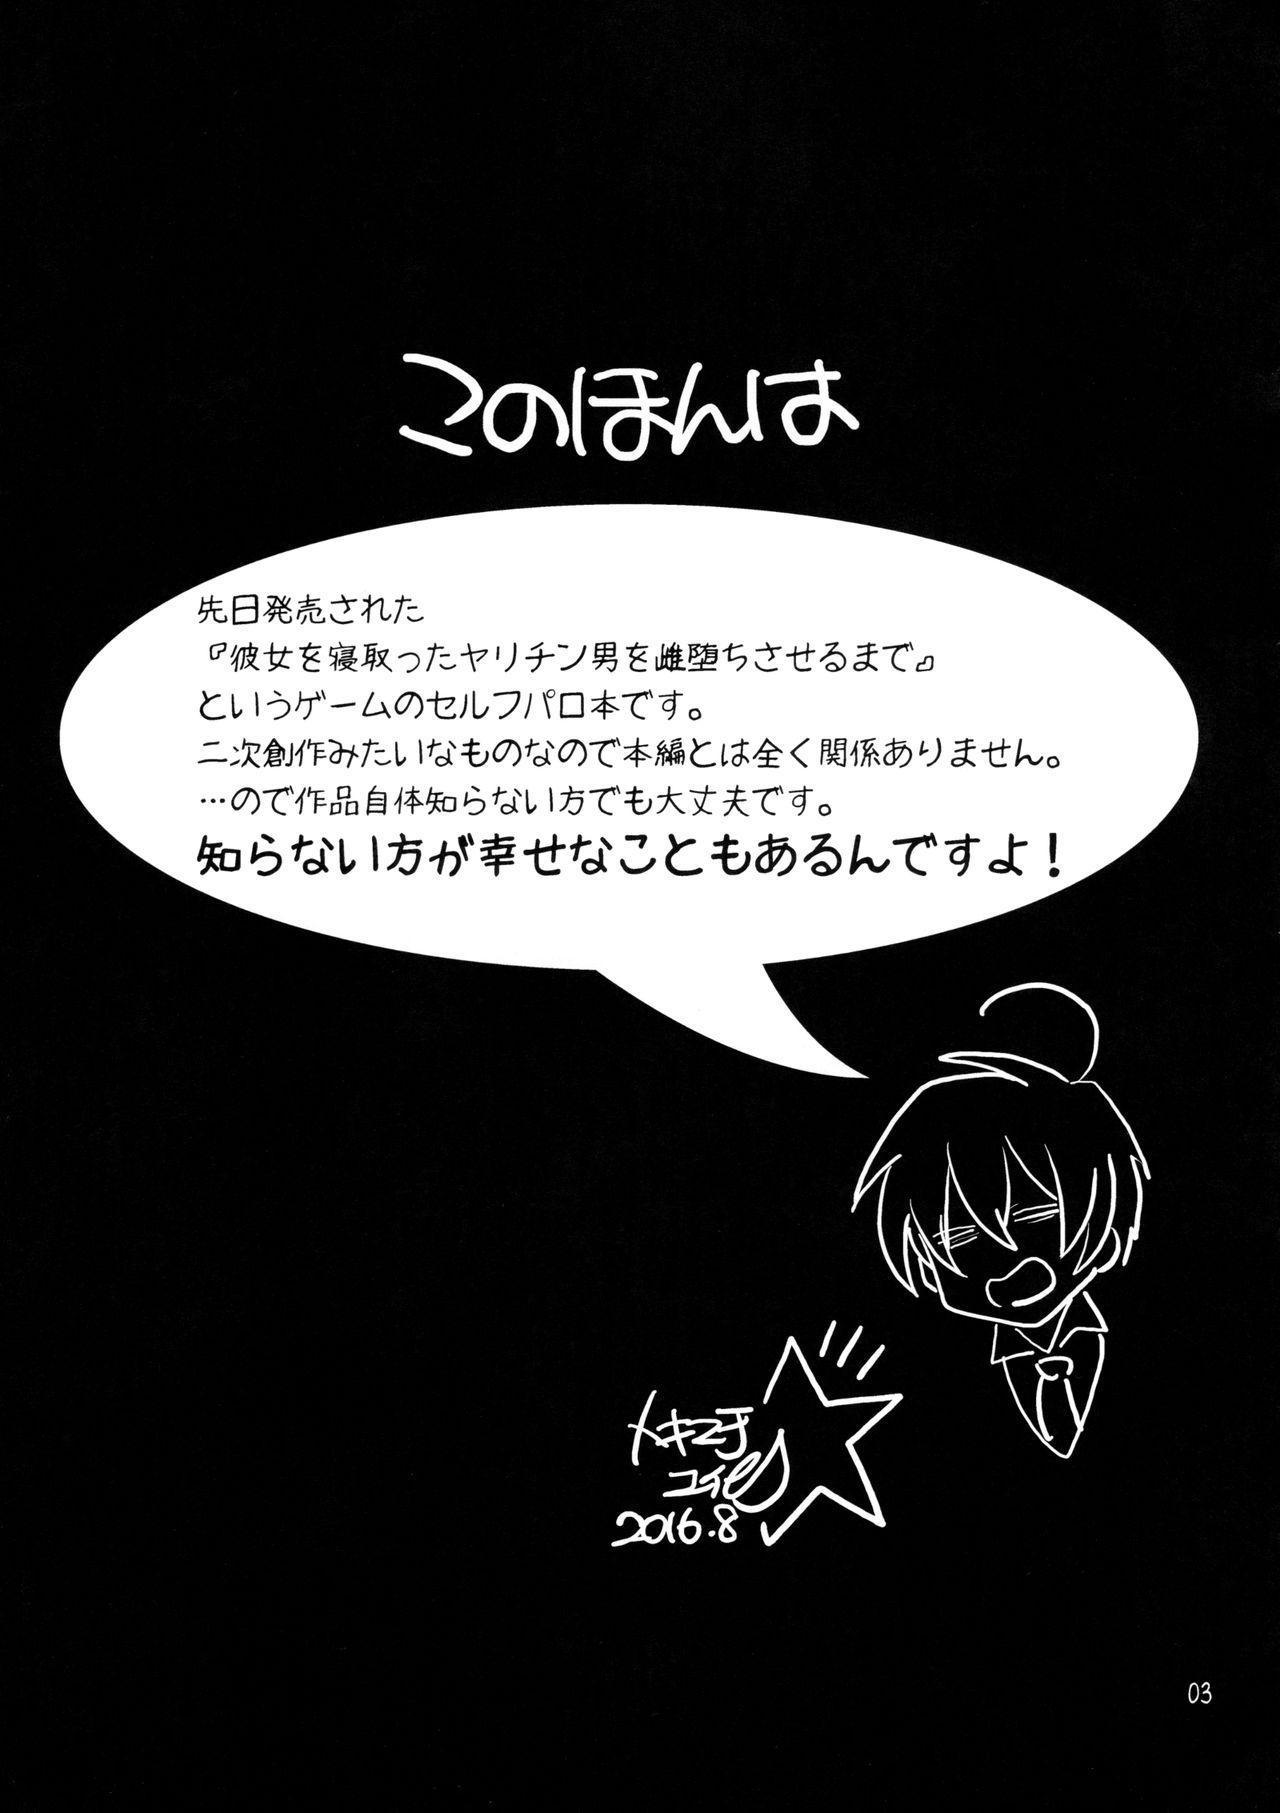 Futanari Kanojo o Netotta Yarichin Otoko ga Mesu Ochi Sareru 1